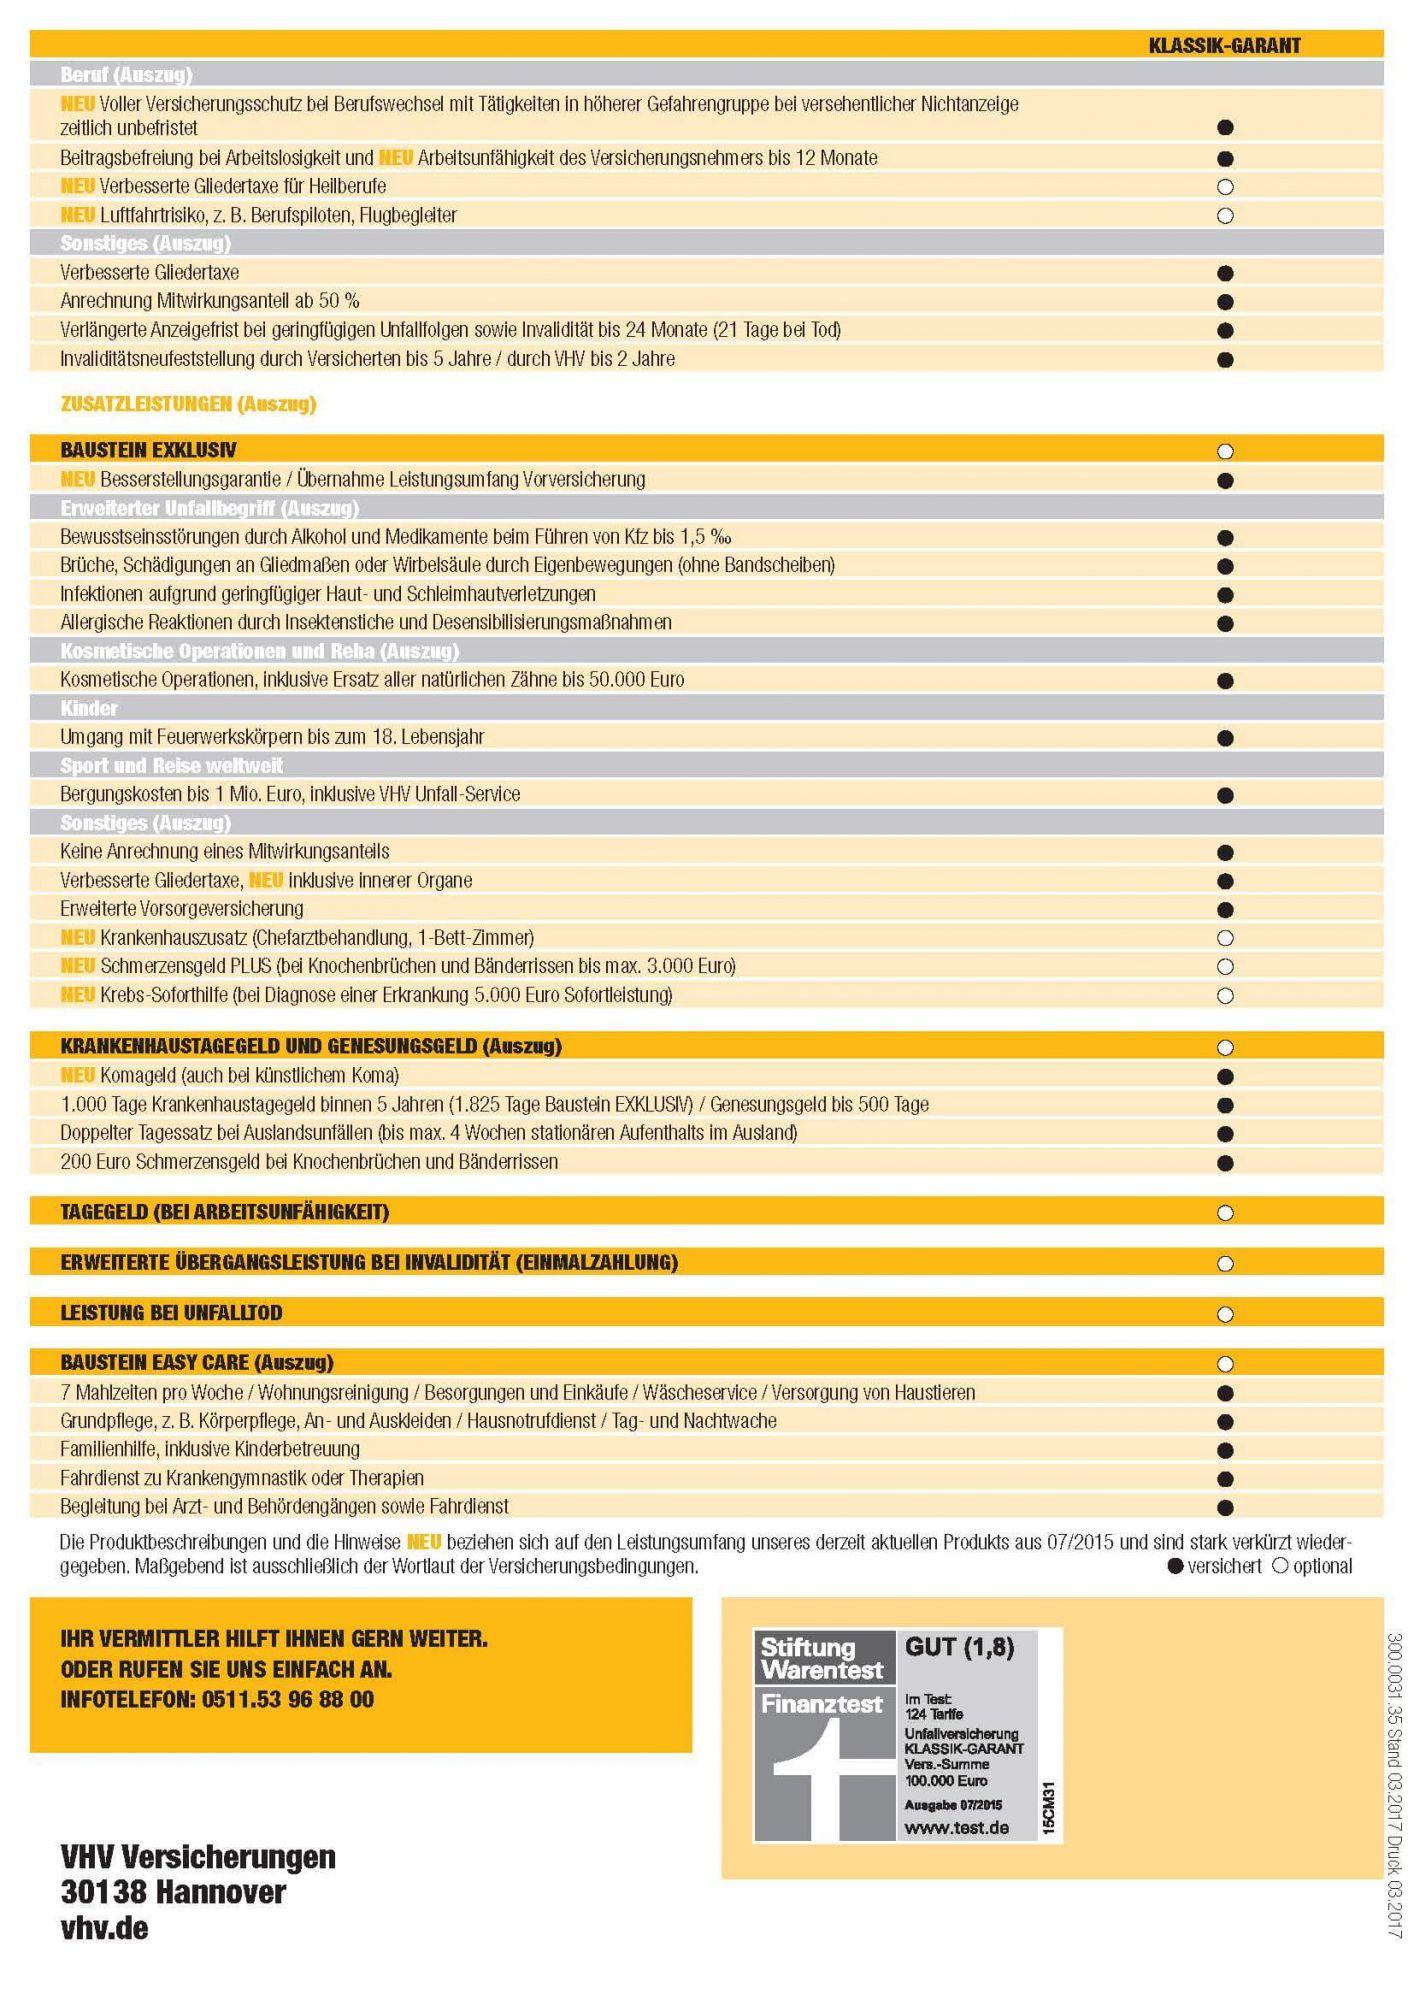 Unfallversicherung Vhv Versicherungsmakler Stuttgart Versicherungen